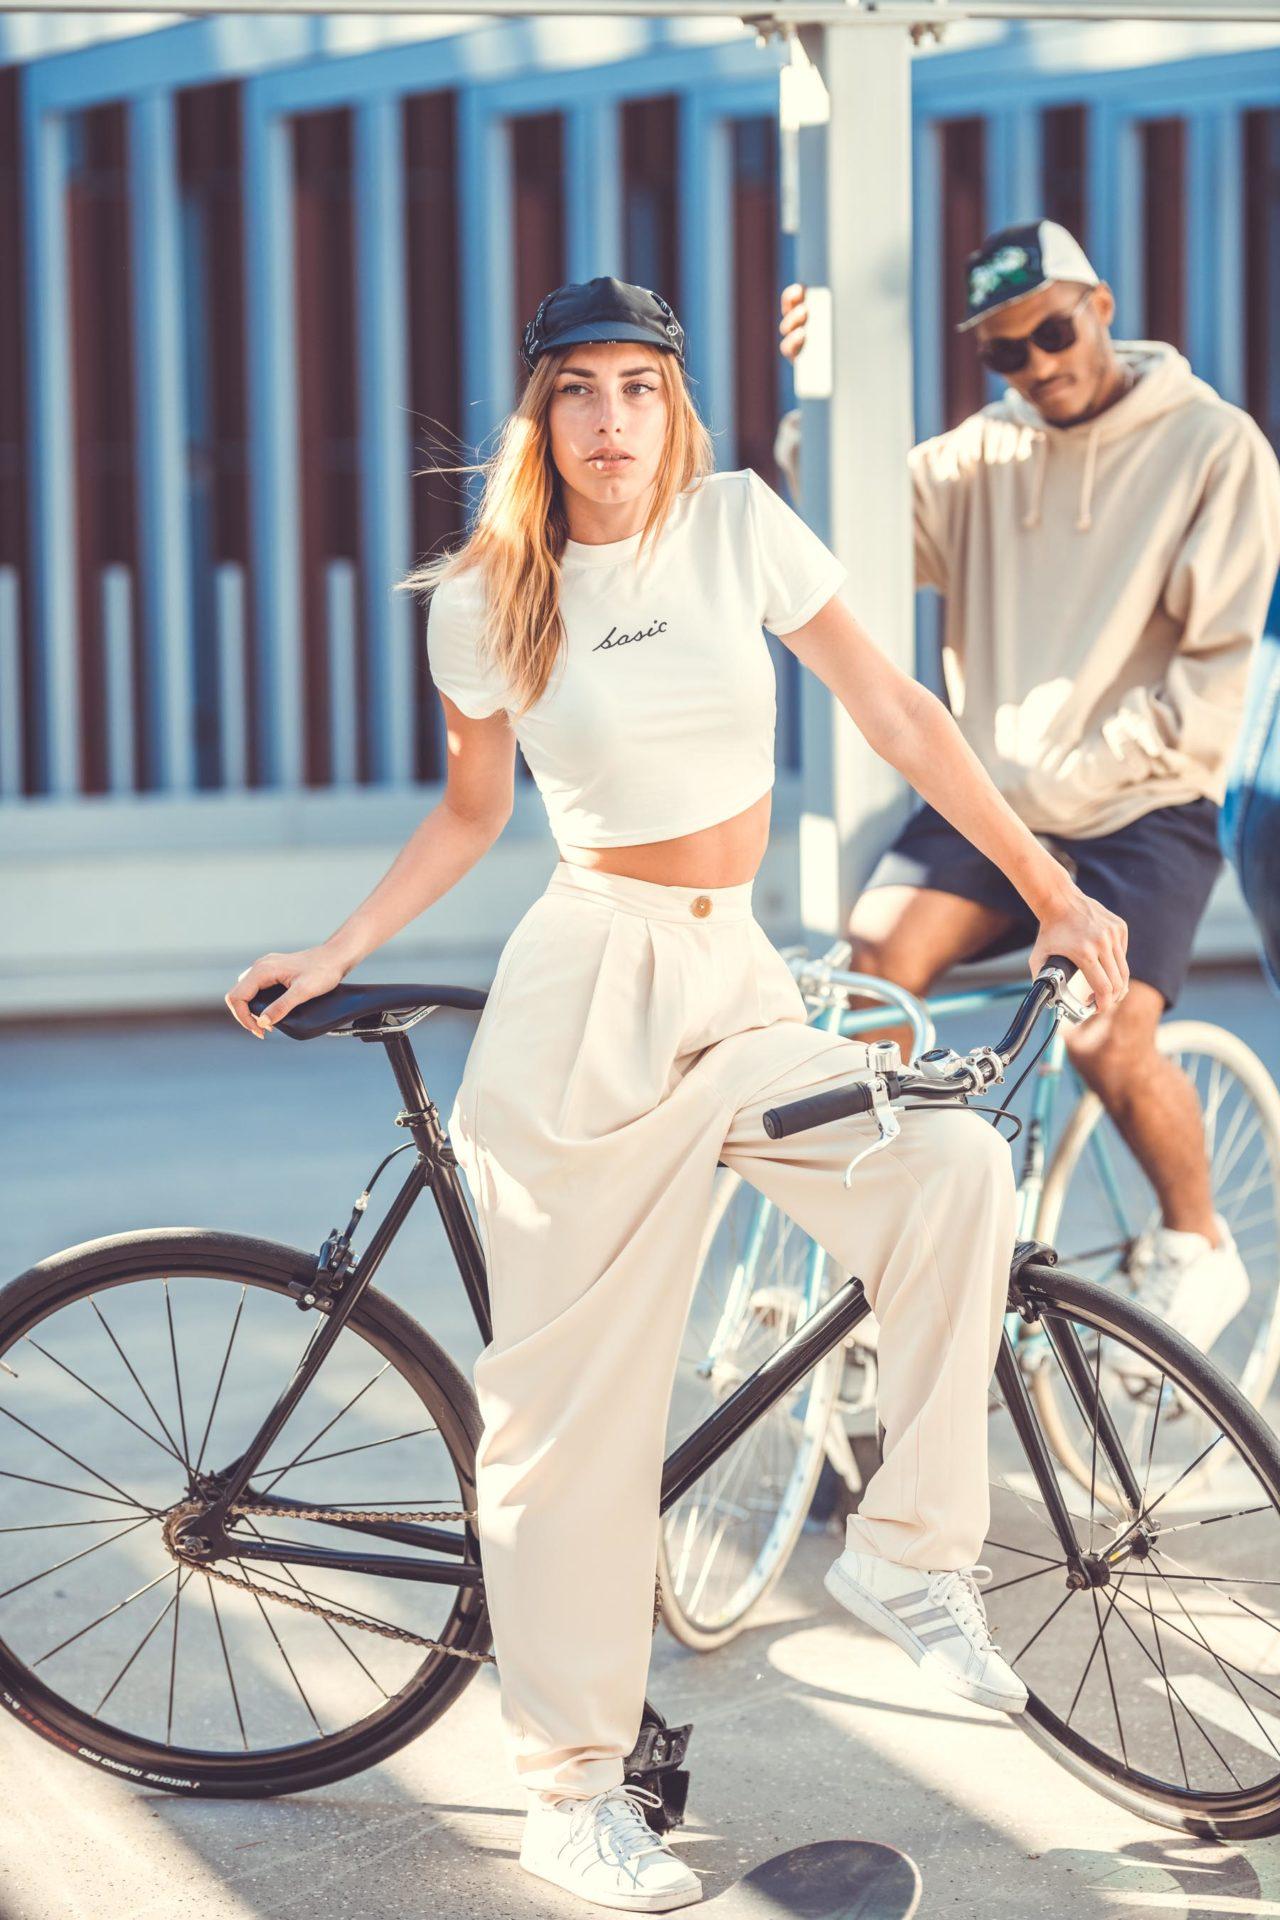 vera-cycling-casquettes-vélo-vintage-Gapette